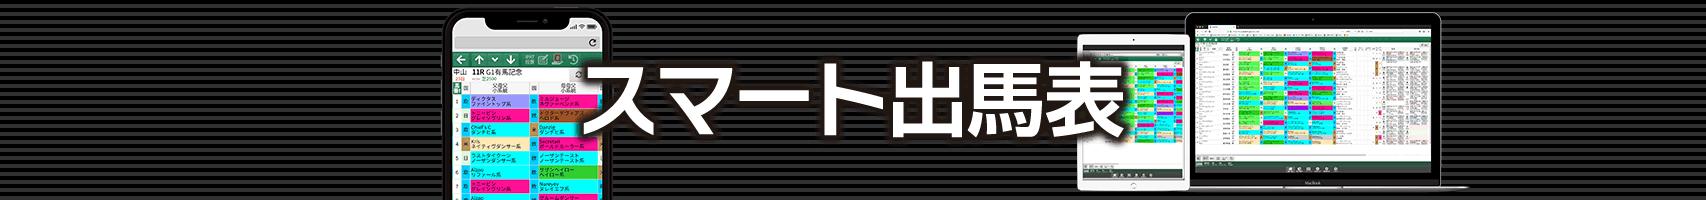 【無料公開】 クイーンC/スマート出馬表 – 基本&血統・系統&ローテ・順位&父国×母父国データ画面